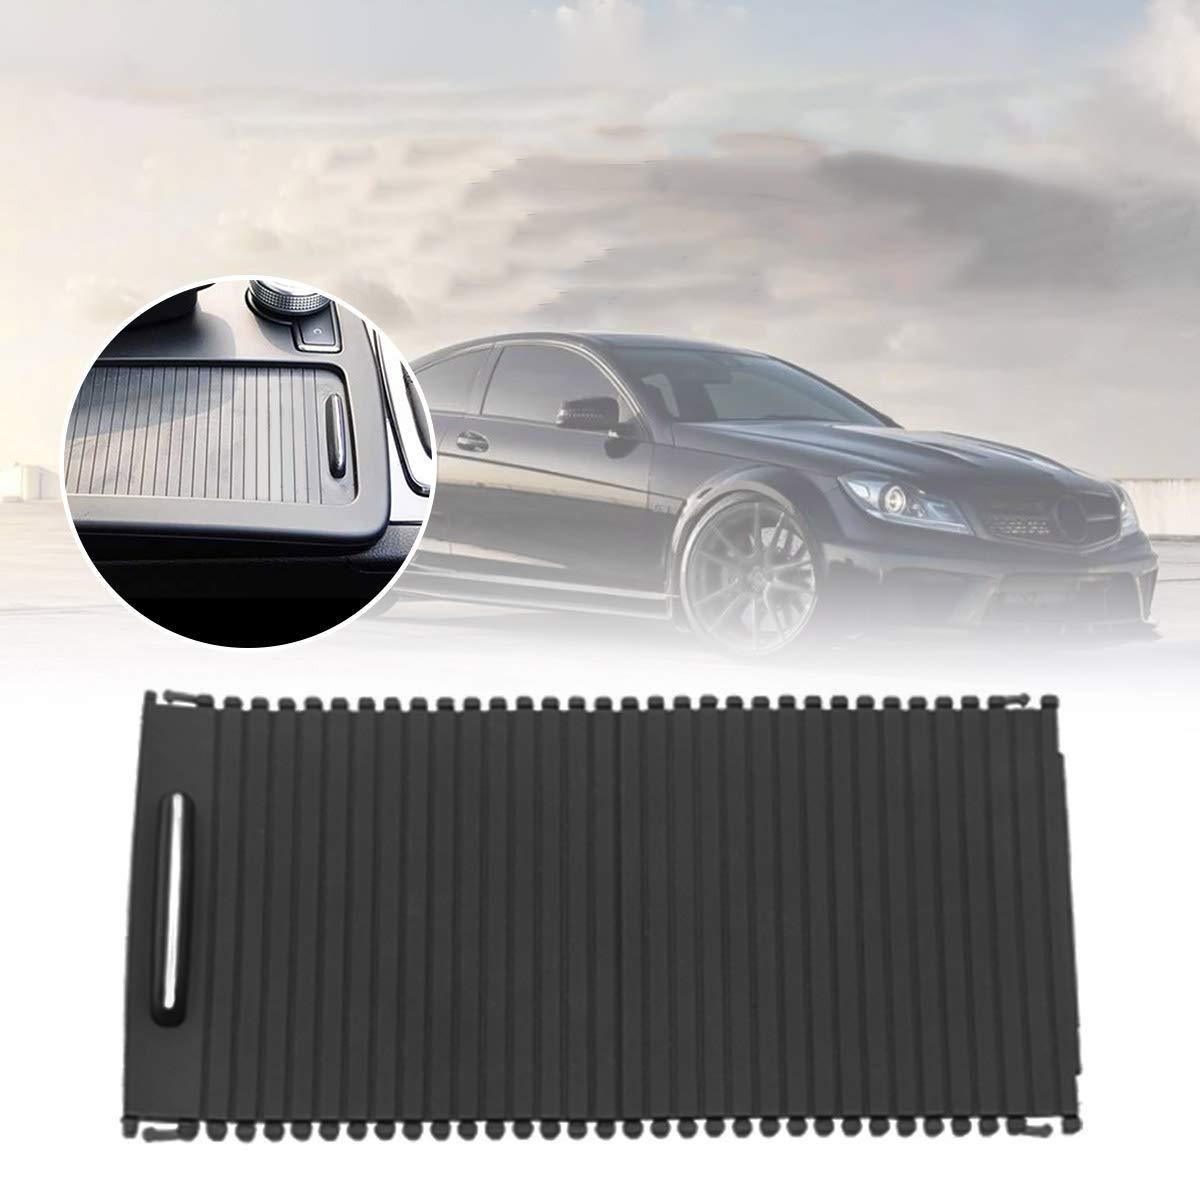 Cikuso Couvercle De Store De Console Centrale Int/érieure pour Voiture pour Mercedes C-Calss W204 S204 Classe E W212 S212 A20468076079051